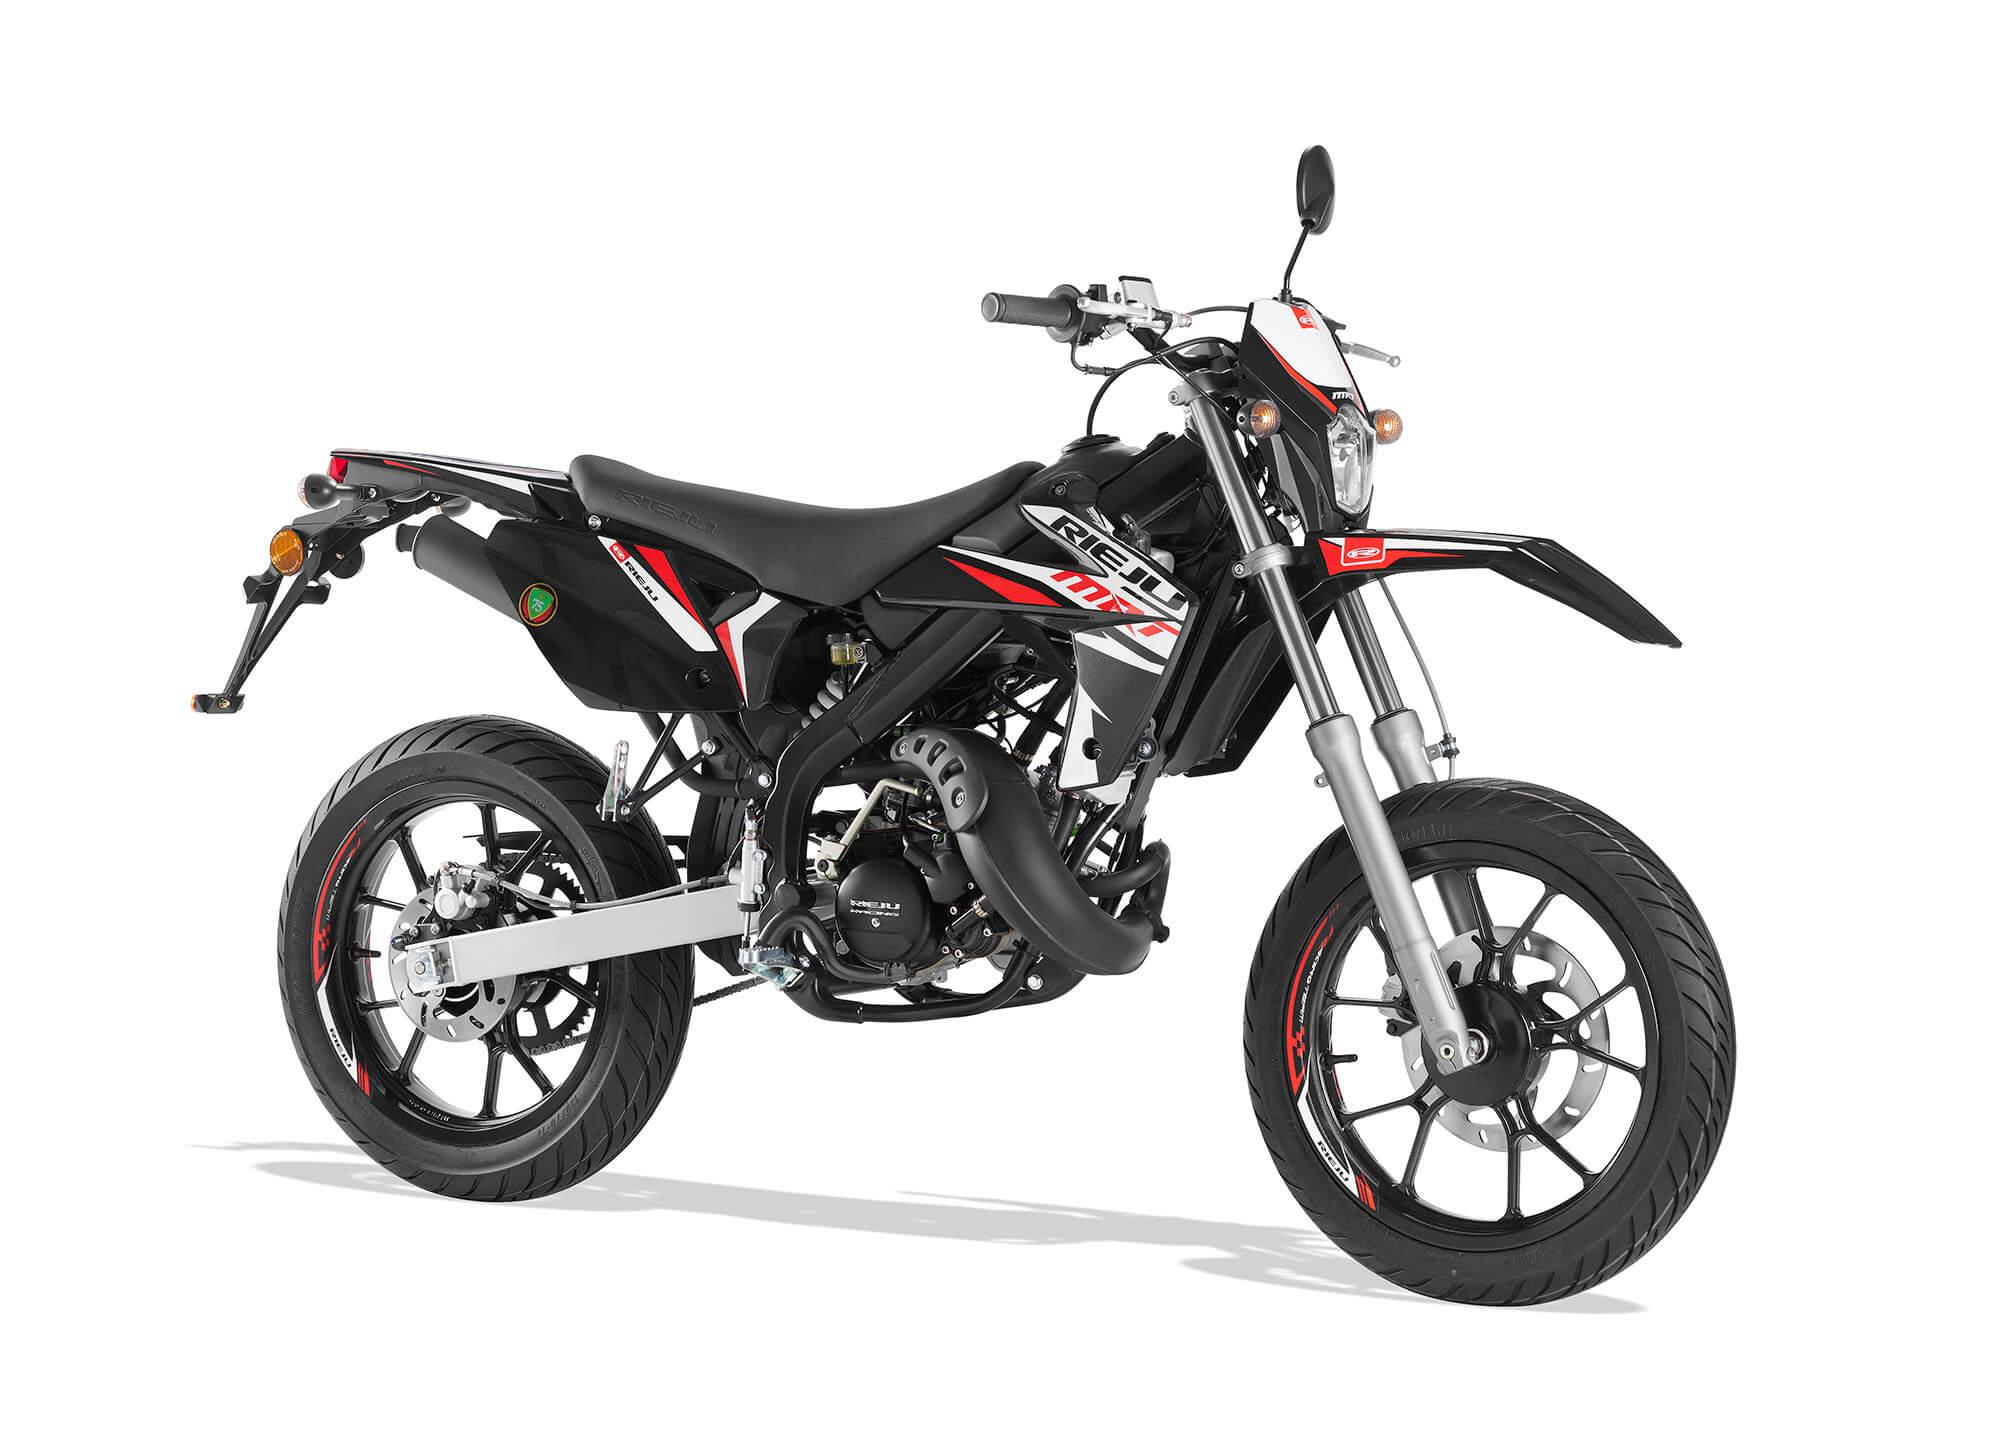 comprar-motos-rieju-mrt-supermotard-50-negro-motissimo-barcelona